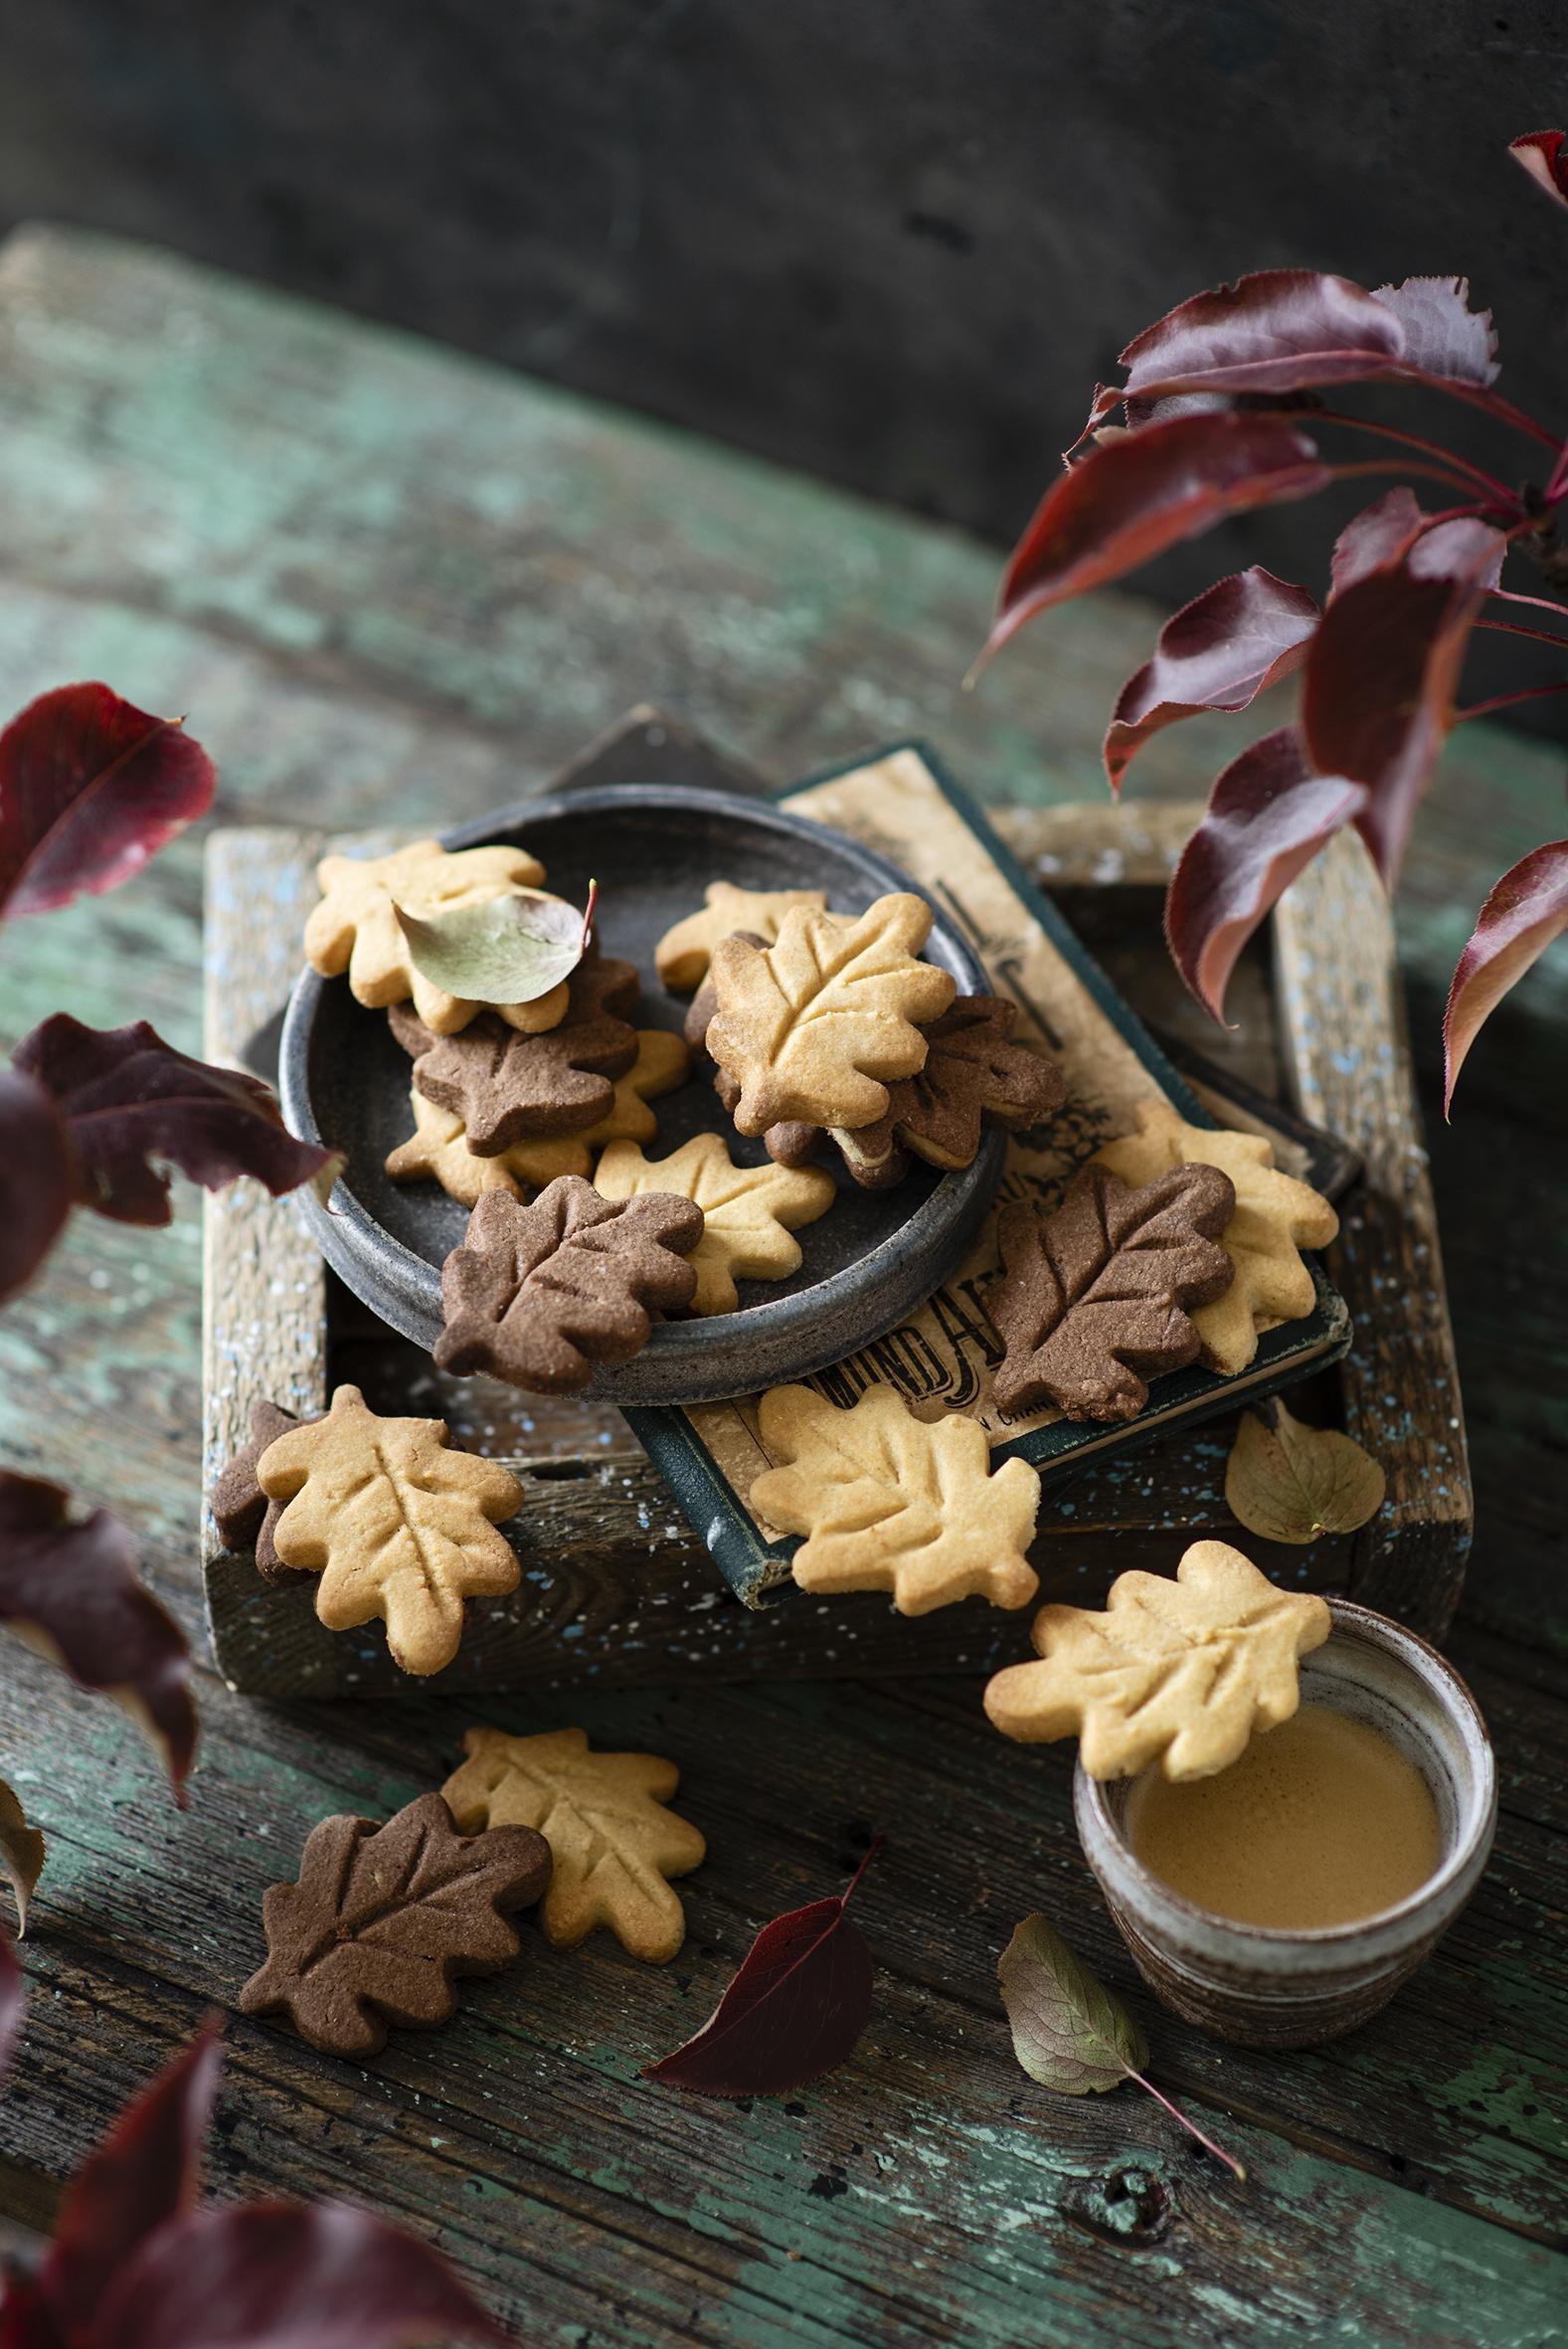 Обои для рабочего стола Листья Осень Еда Печенье Доски  для мобильного телефона лист Листва осенние Пища Продукты питания